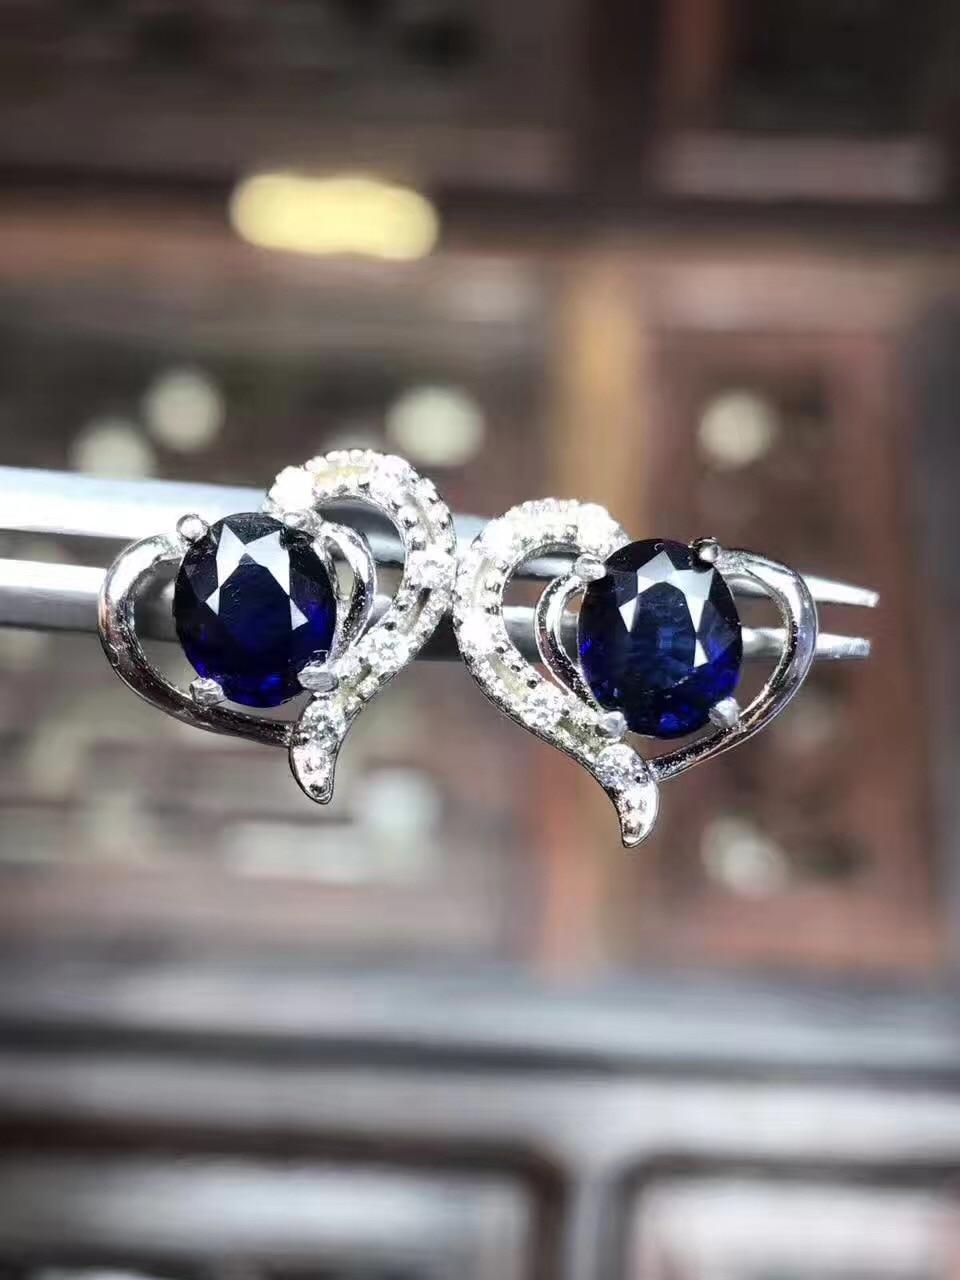 Sapphire stud oorbel Voor mannen of vrouwen Natuurlijke echte saffier 925 sterling zilver 4*5mm 2 stks edelsteen